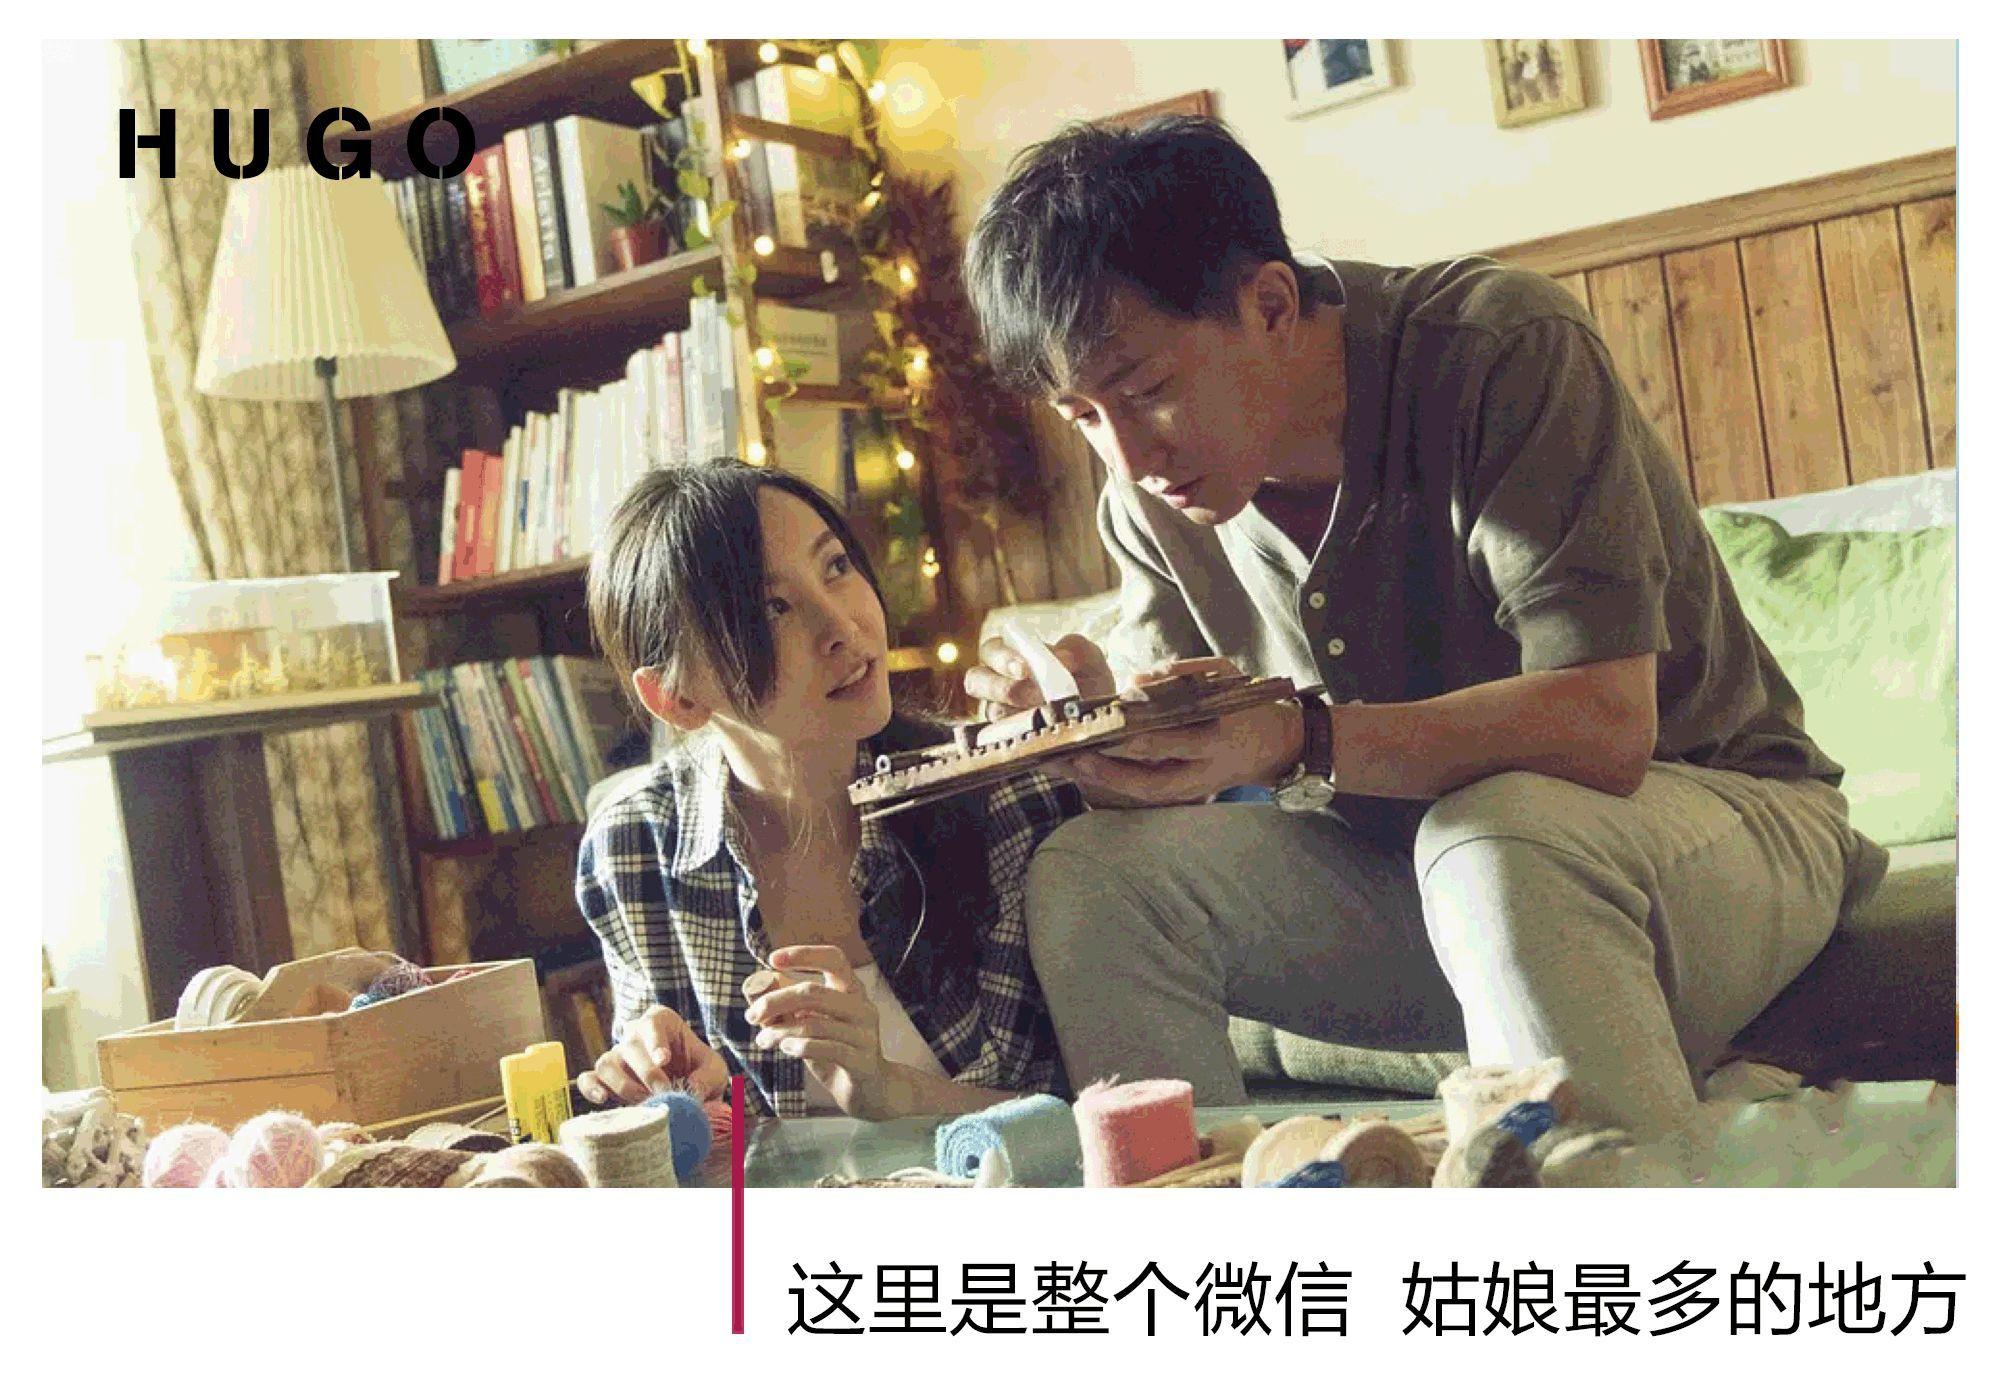 搞笑给前任上坟�_时尚 正文  29号零点去看了一场《前任3》,原本以为是搞笑喜剧的我